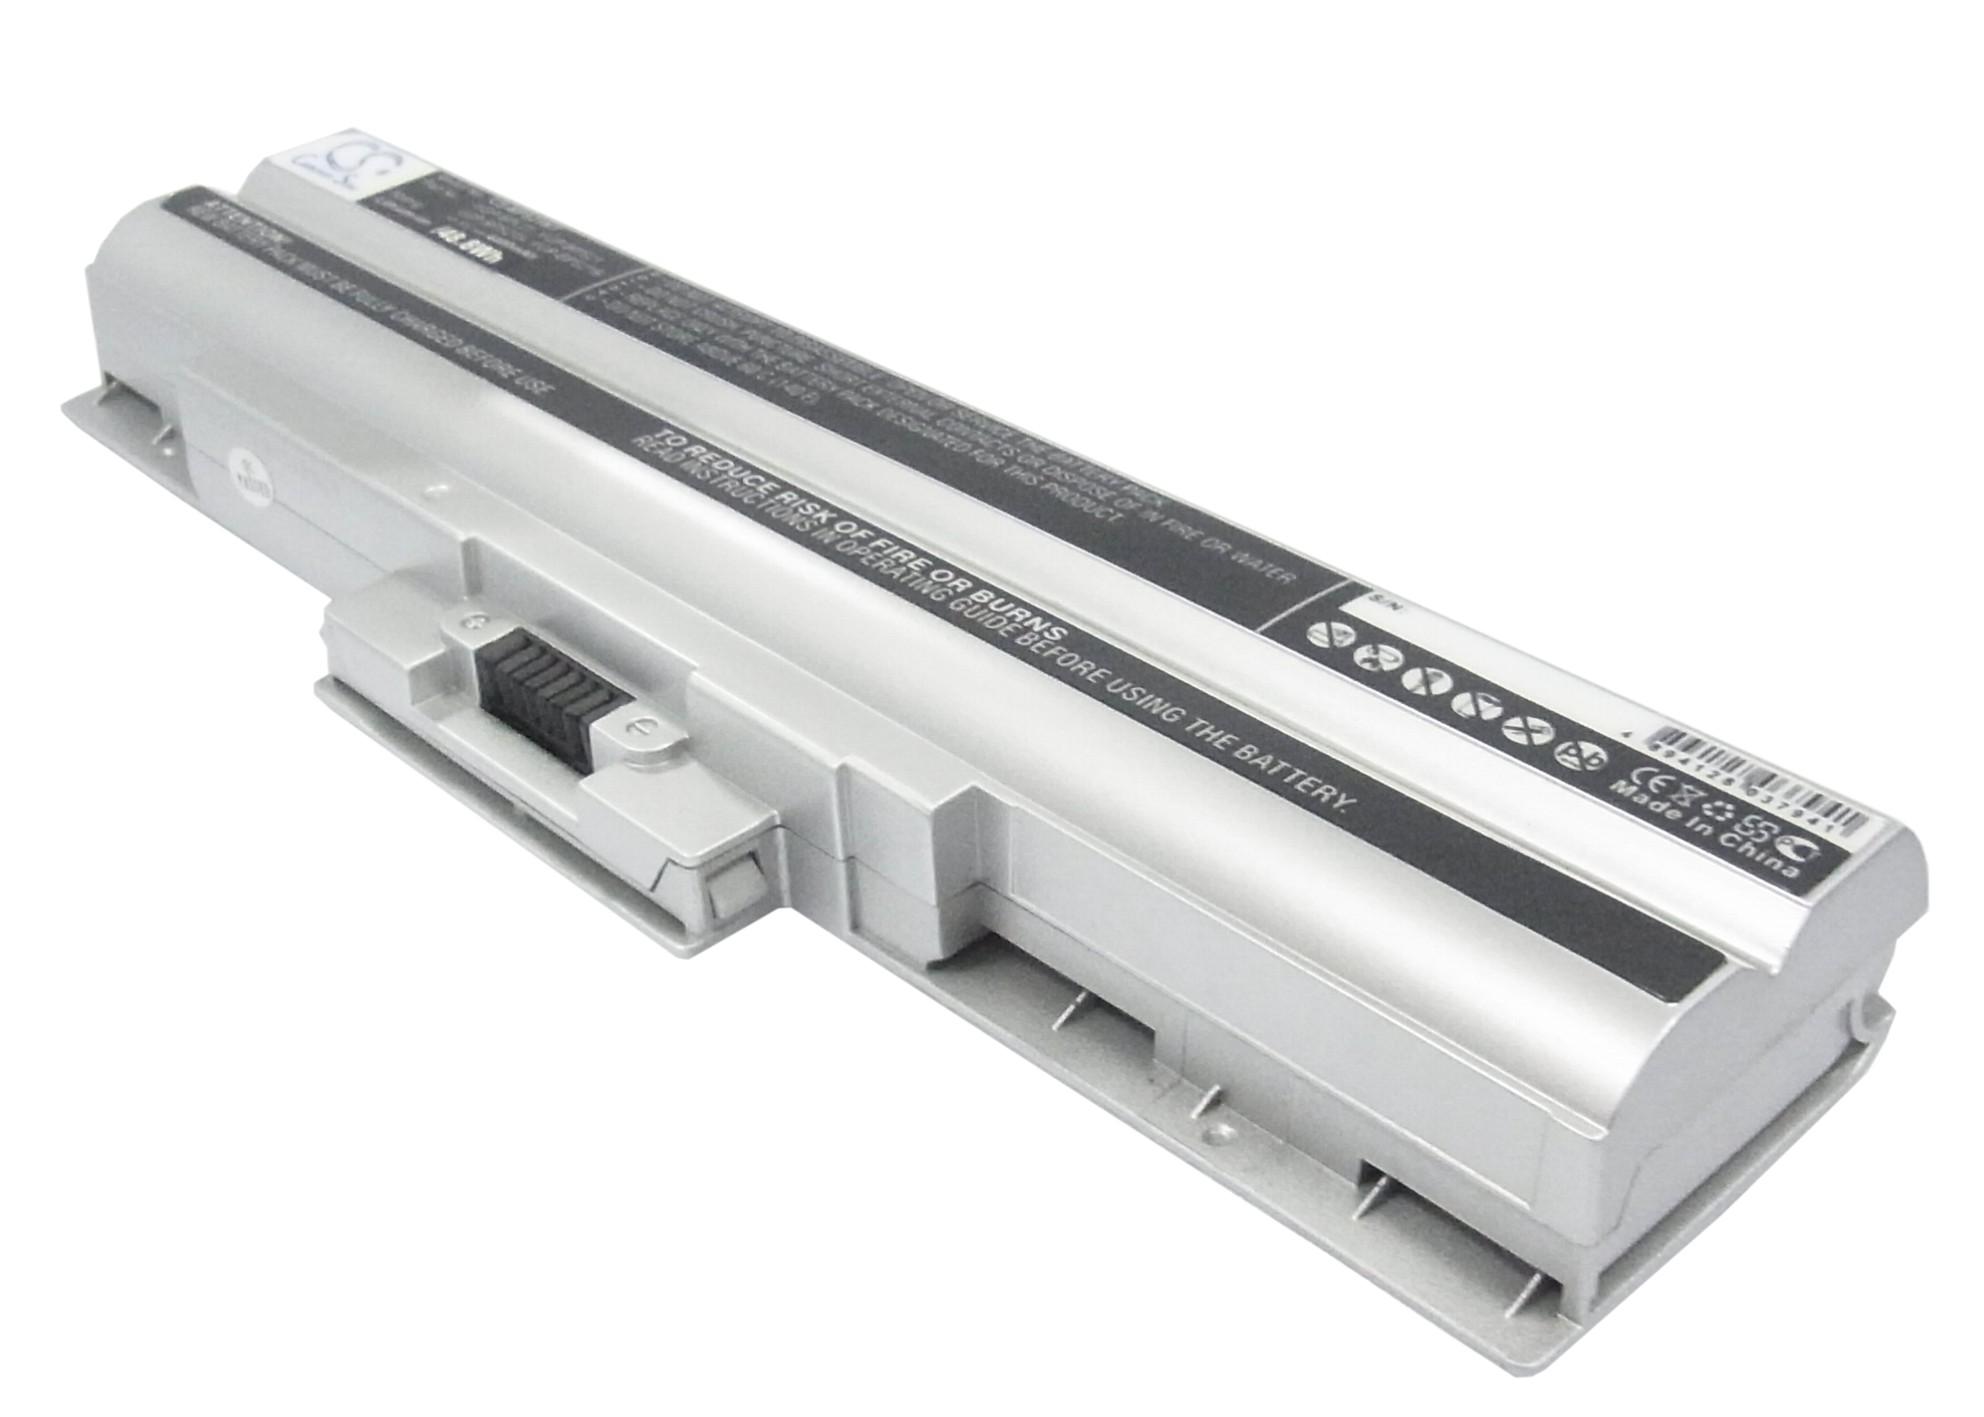 Cameron Sino baterie do notebooků pro SONY VAIO VGN-CS33H/Z 11.1V Li-ion 4400mAh stříbrná - neoriginální